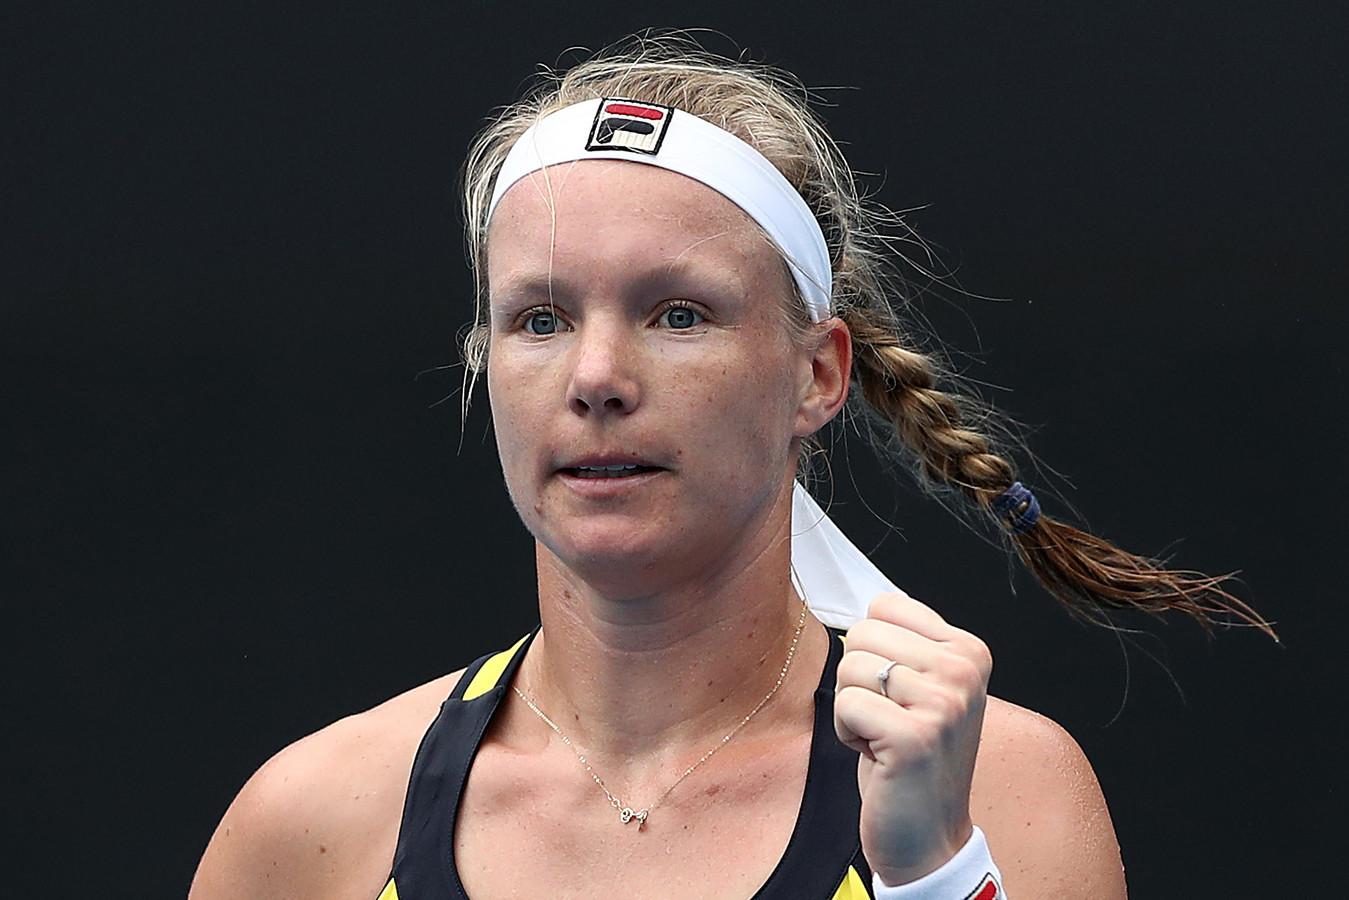 Kiki Bertens is vol vertrouwen voor de Australian Open. ,,Ik moet ervoor gaan, het is mogelijk.''